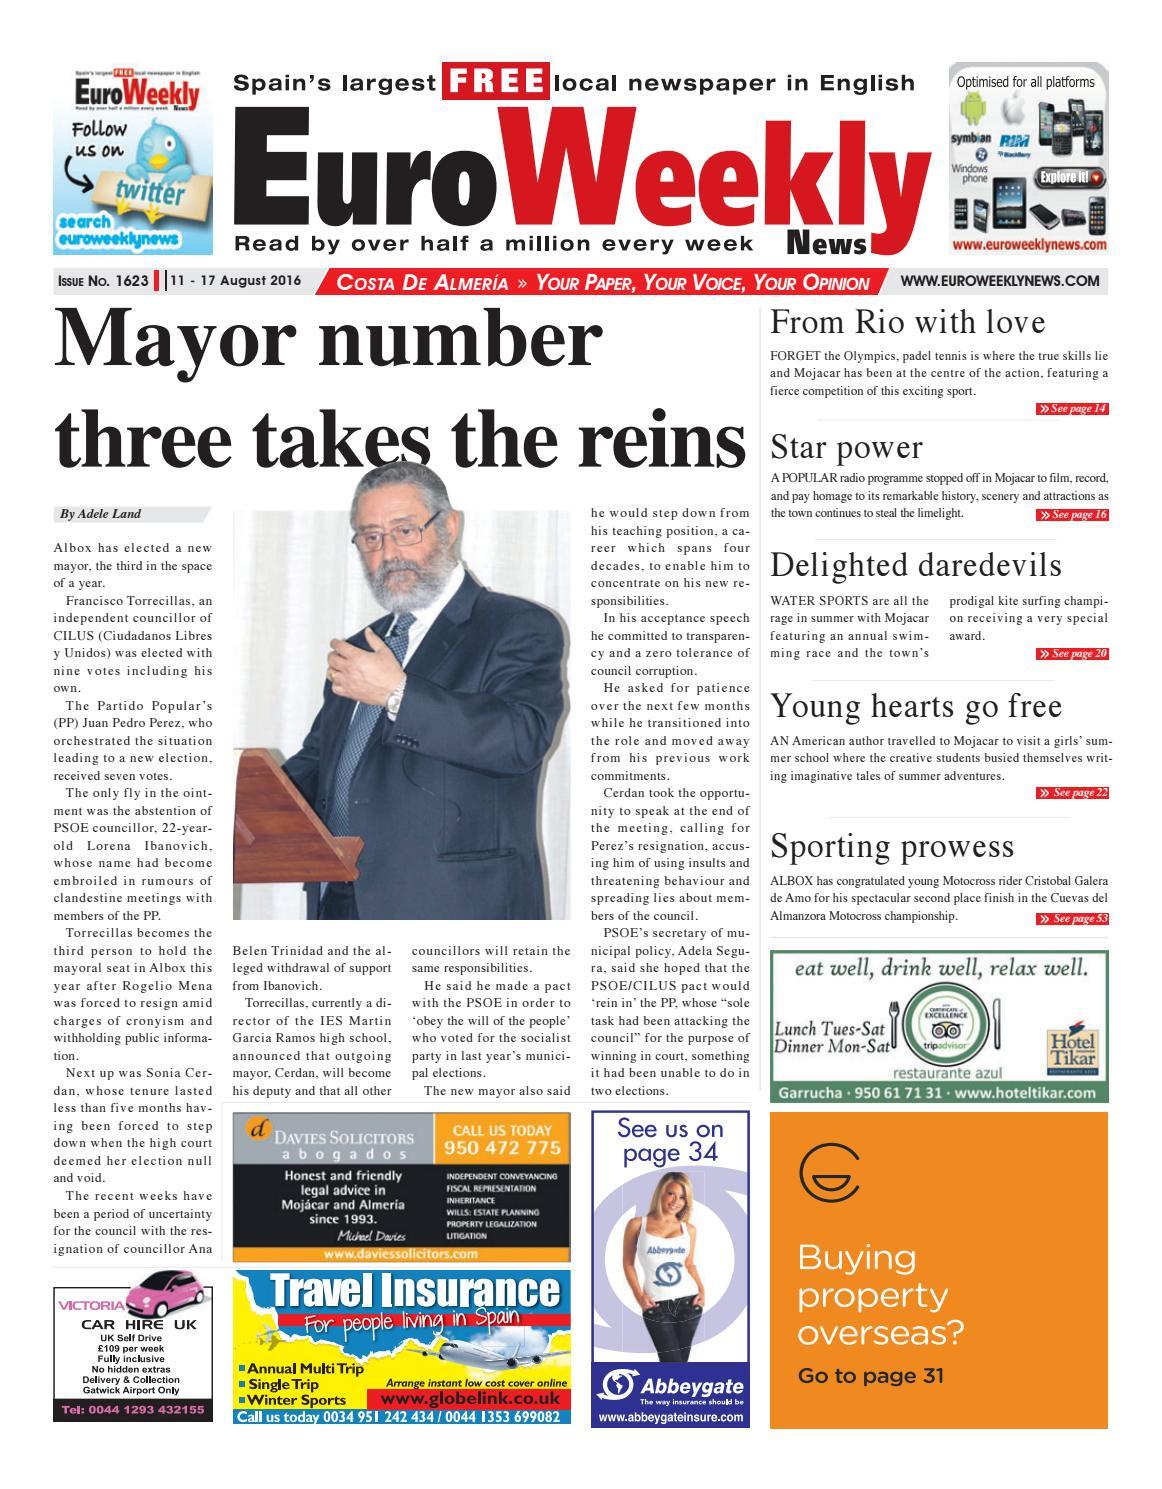 Euro Weekly News - Costa de Almeria 11 - 17 August 2016 ...